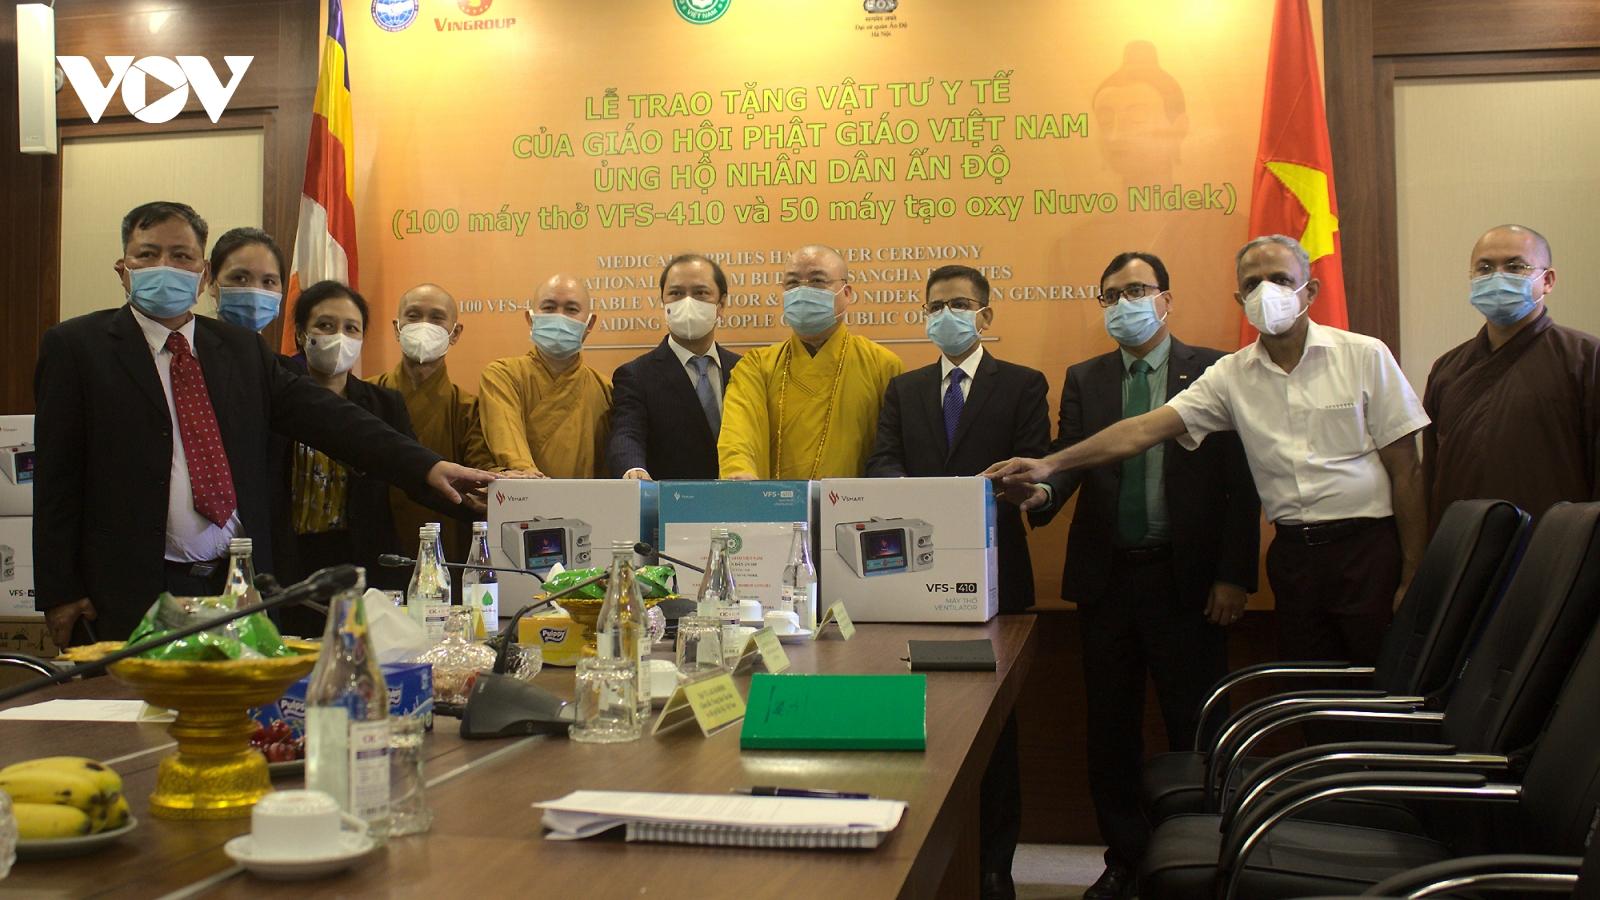 Giáo hội Phật giáo Việt Nam trao tặng máy thở, máy tạo oxy cho nhân dân Ấn Độ